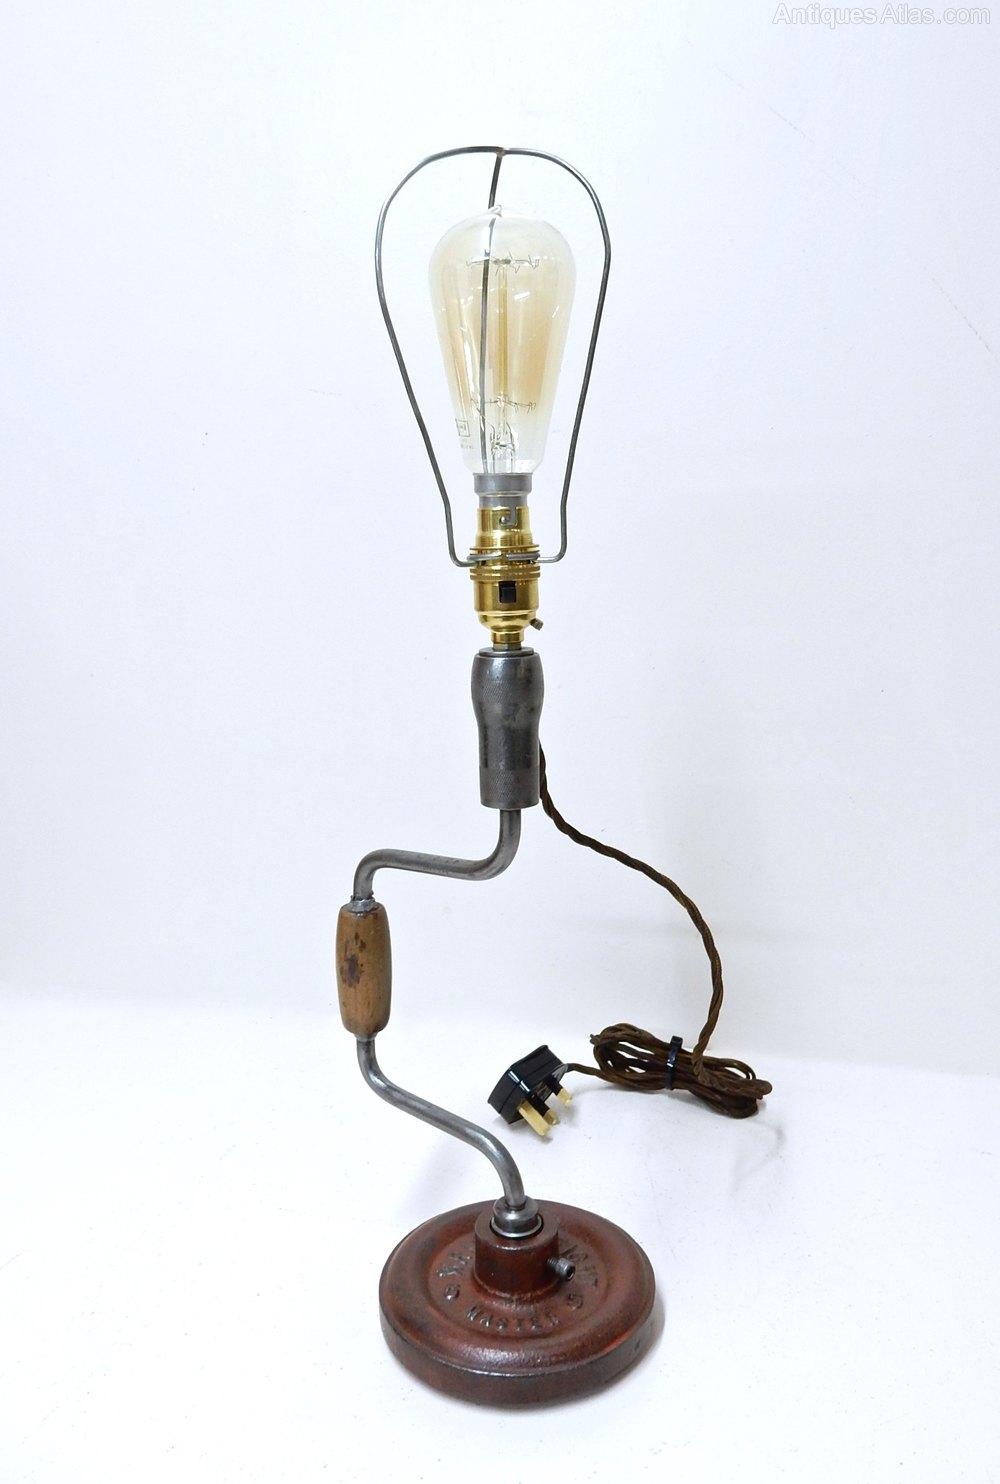 Antiques atlas vintage novelty table lamp aloadofball Choice Image